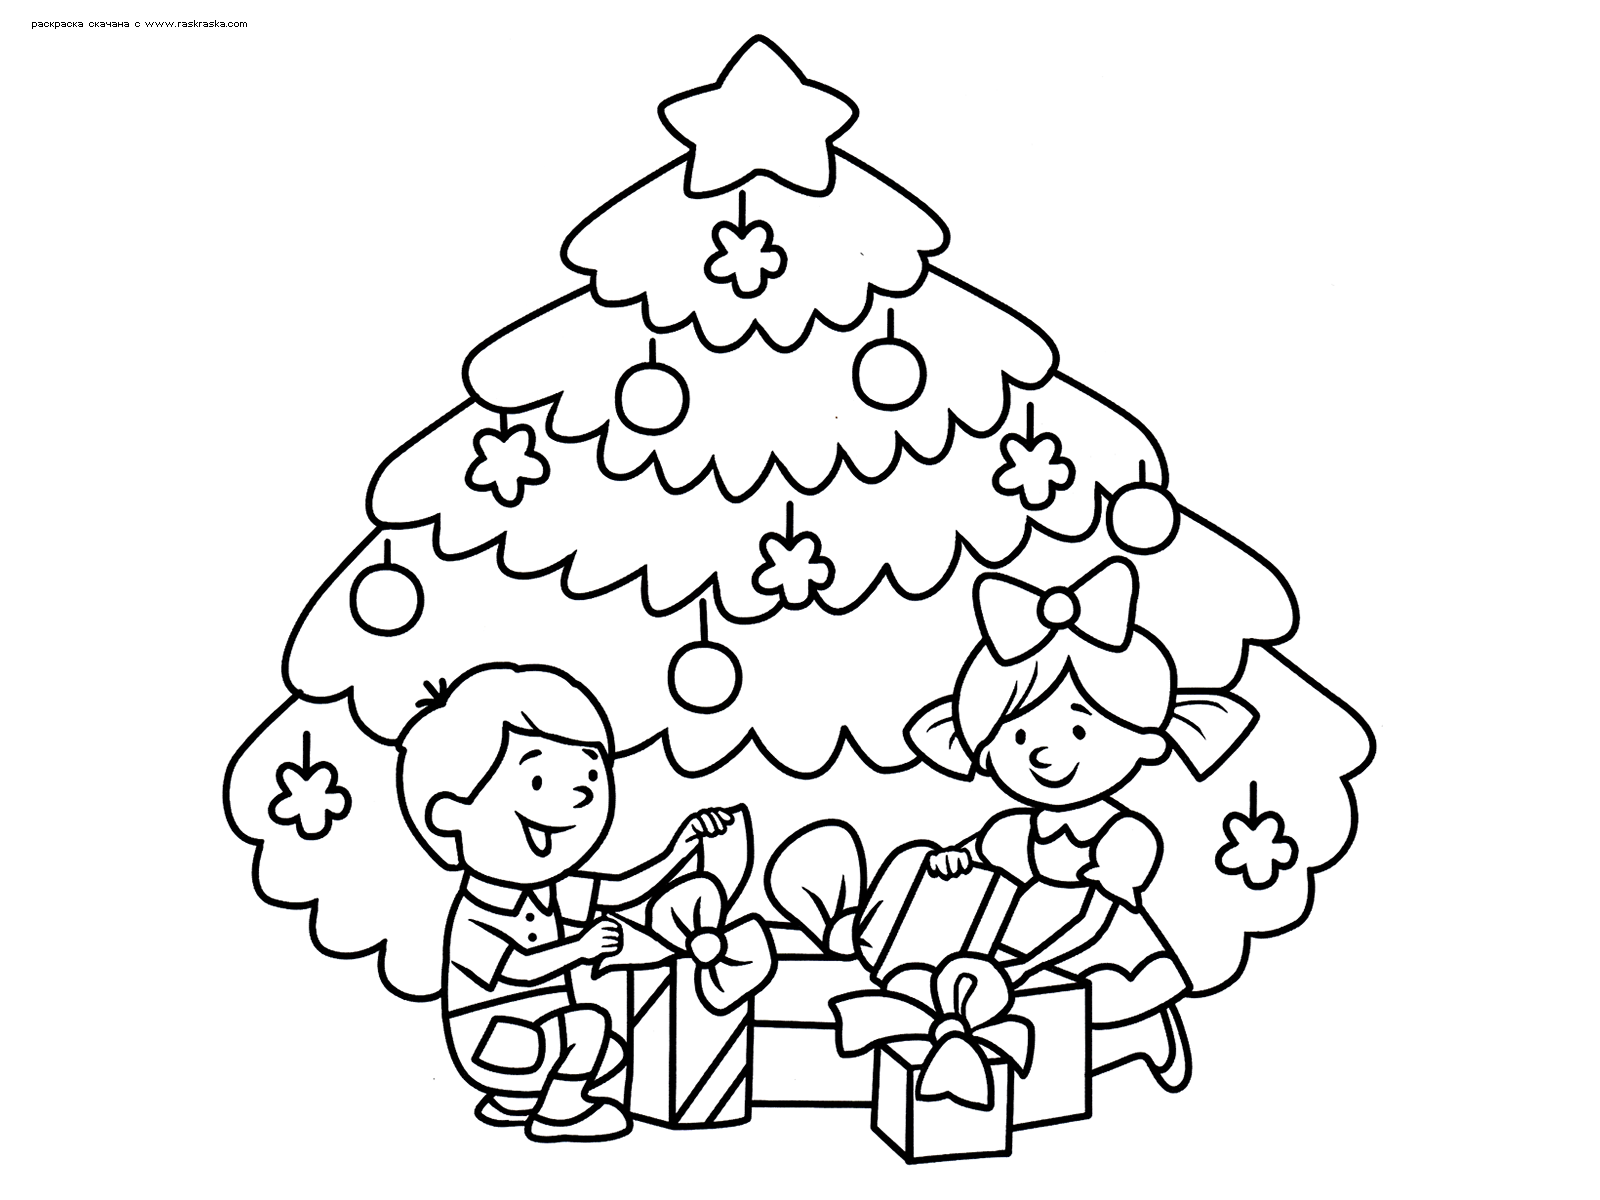 Раскраска Подарки у елки. Раскраска елка, дети, подарки, новый год